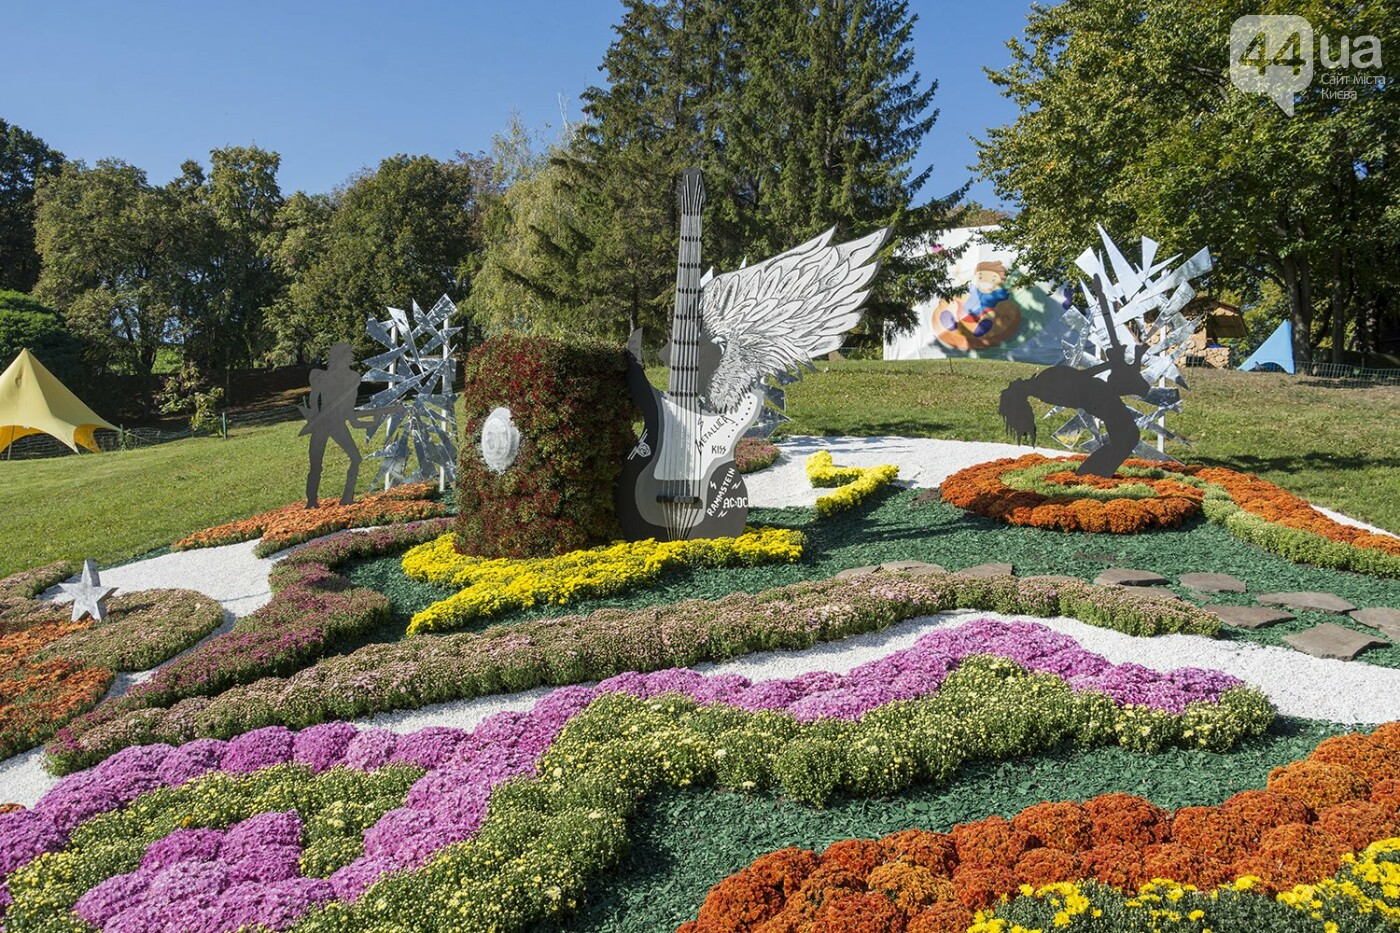 С музыкой и цветами: в Киеве стартовал красочный фестиваль хризантем, - ФОТОРЕПОРТАЖ, фото-12